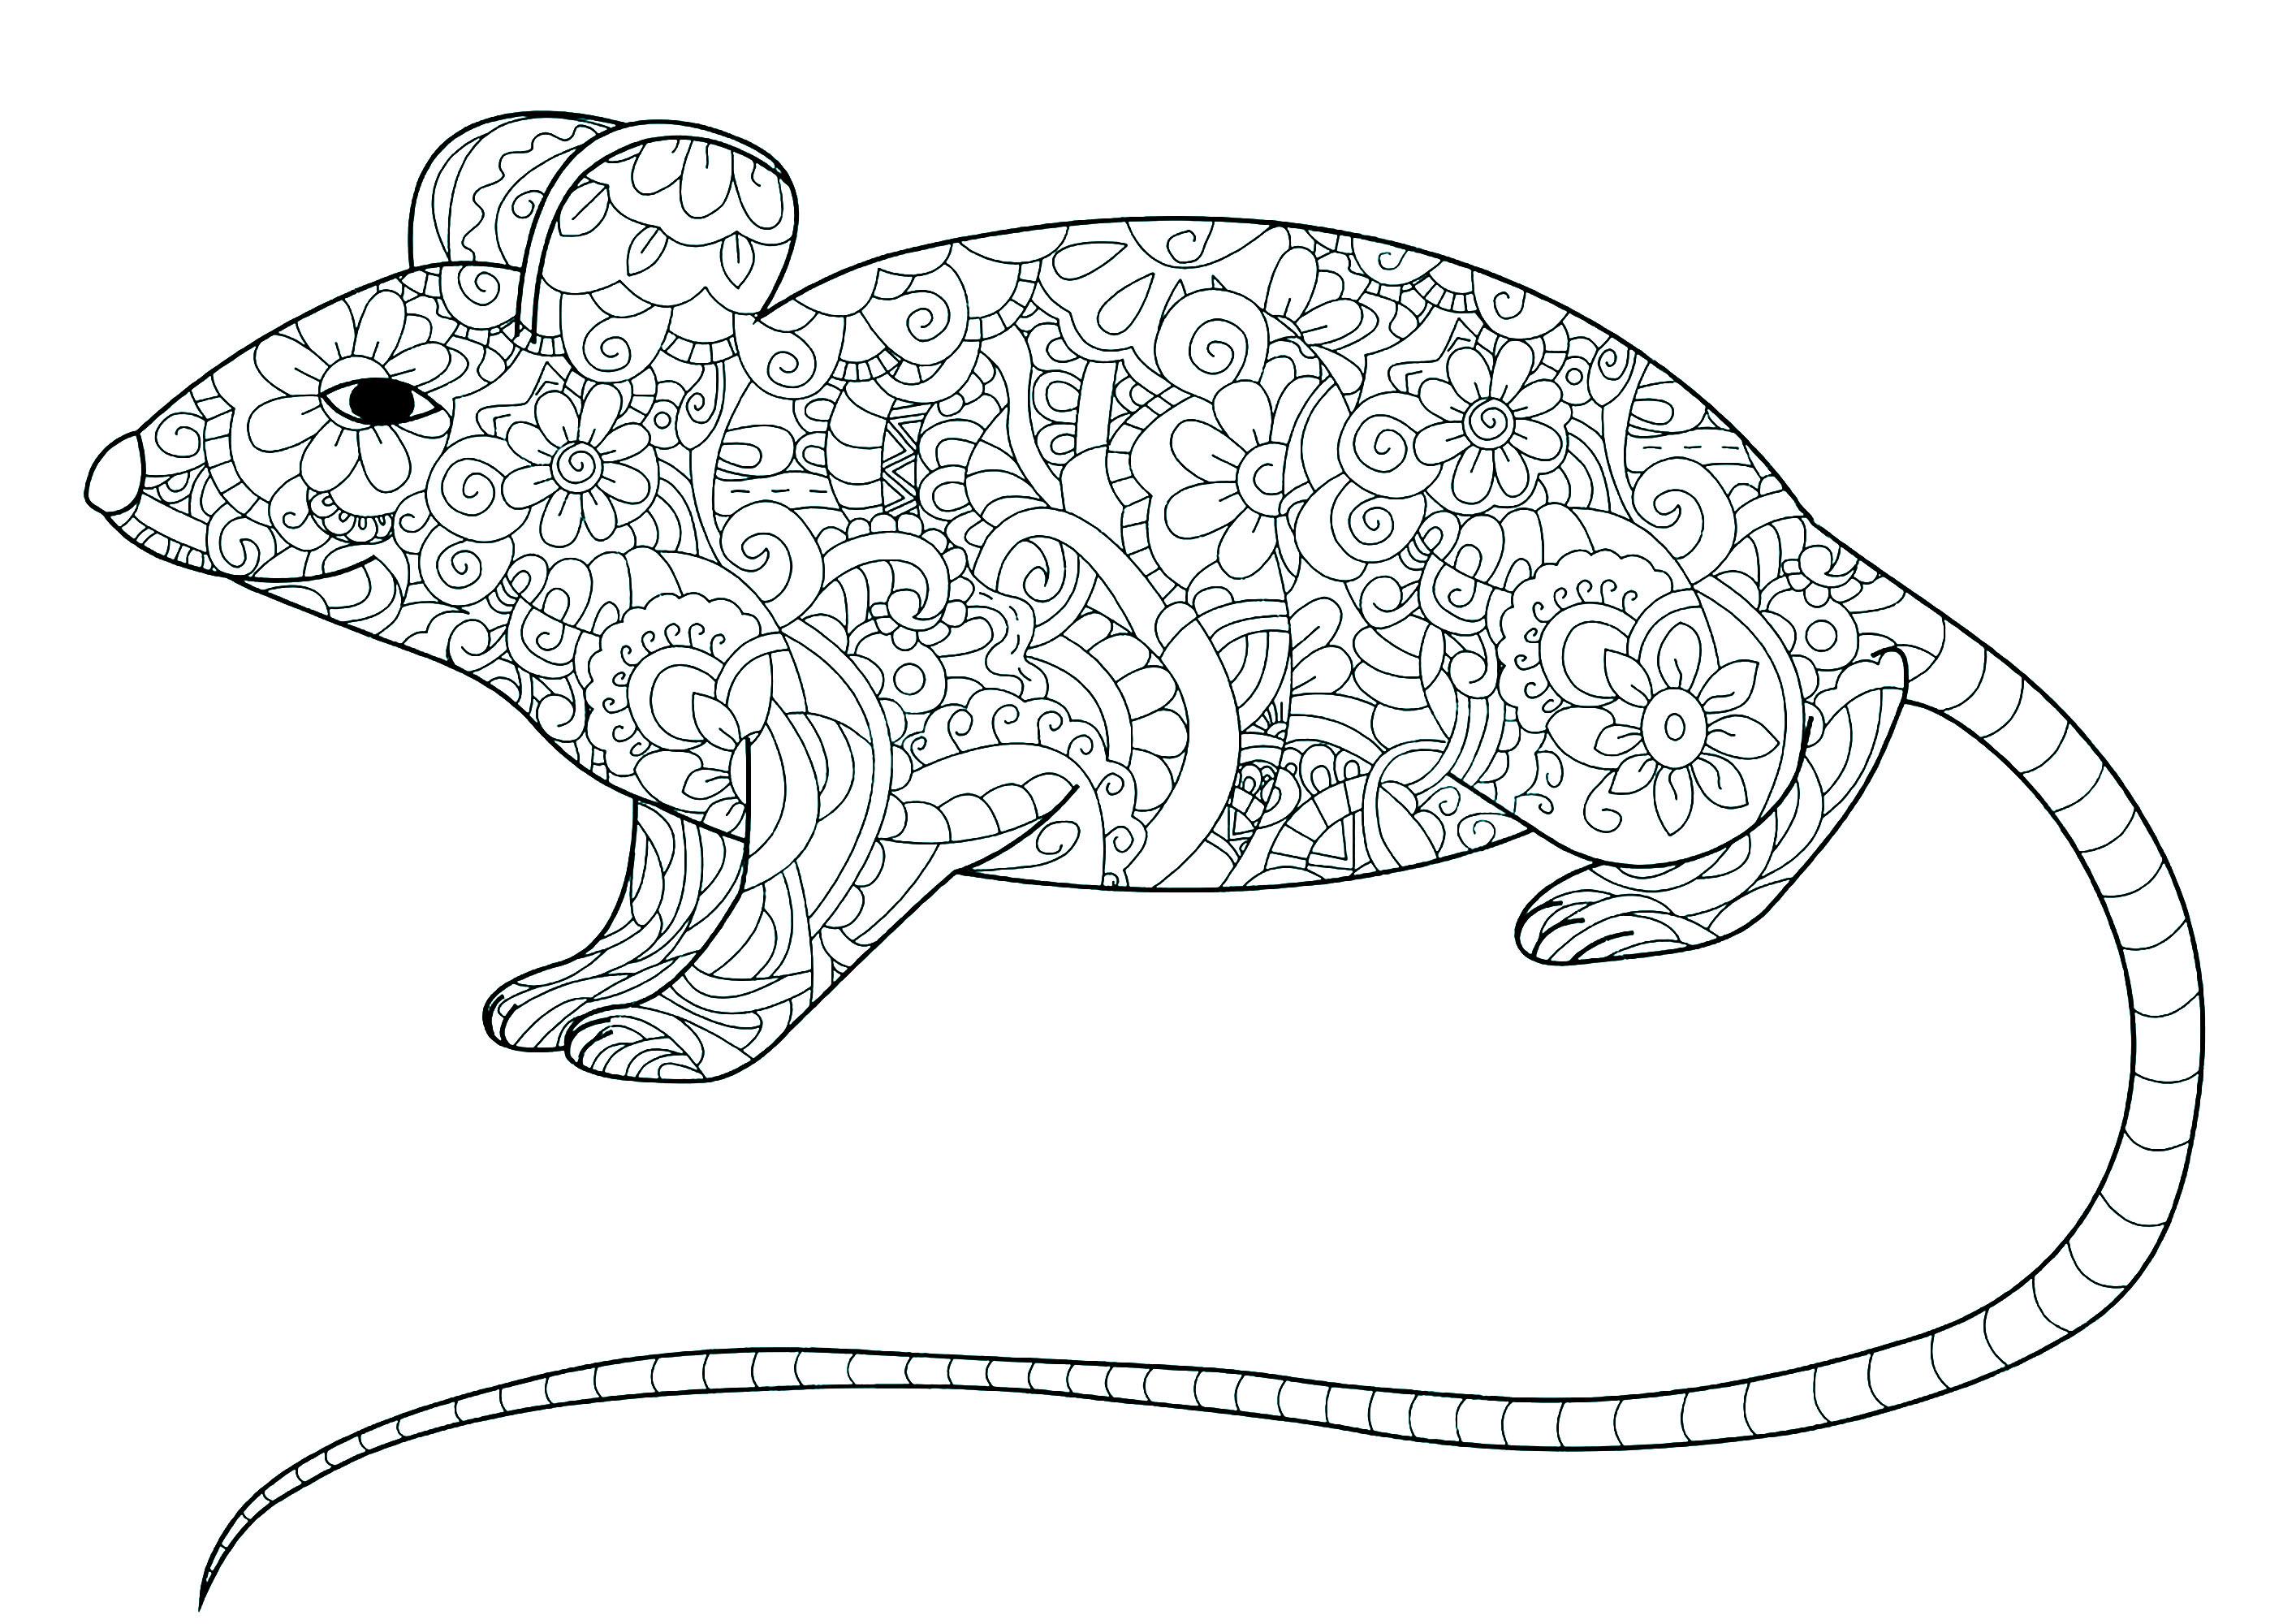 Petite souris remplie de motifs souris coloriages - Dessin de petite souris ...